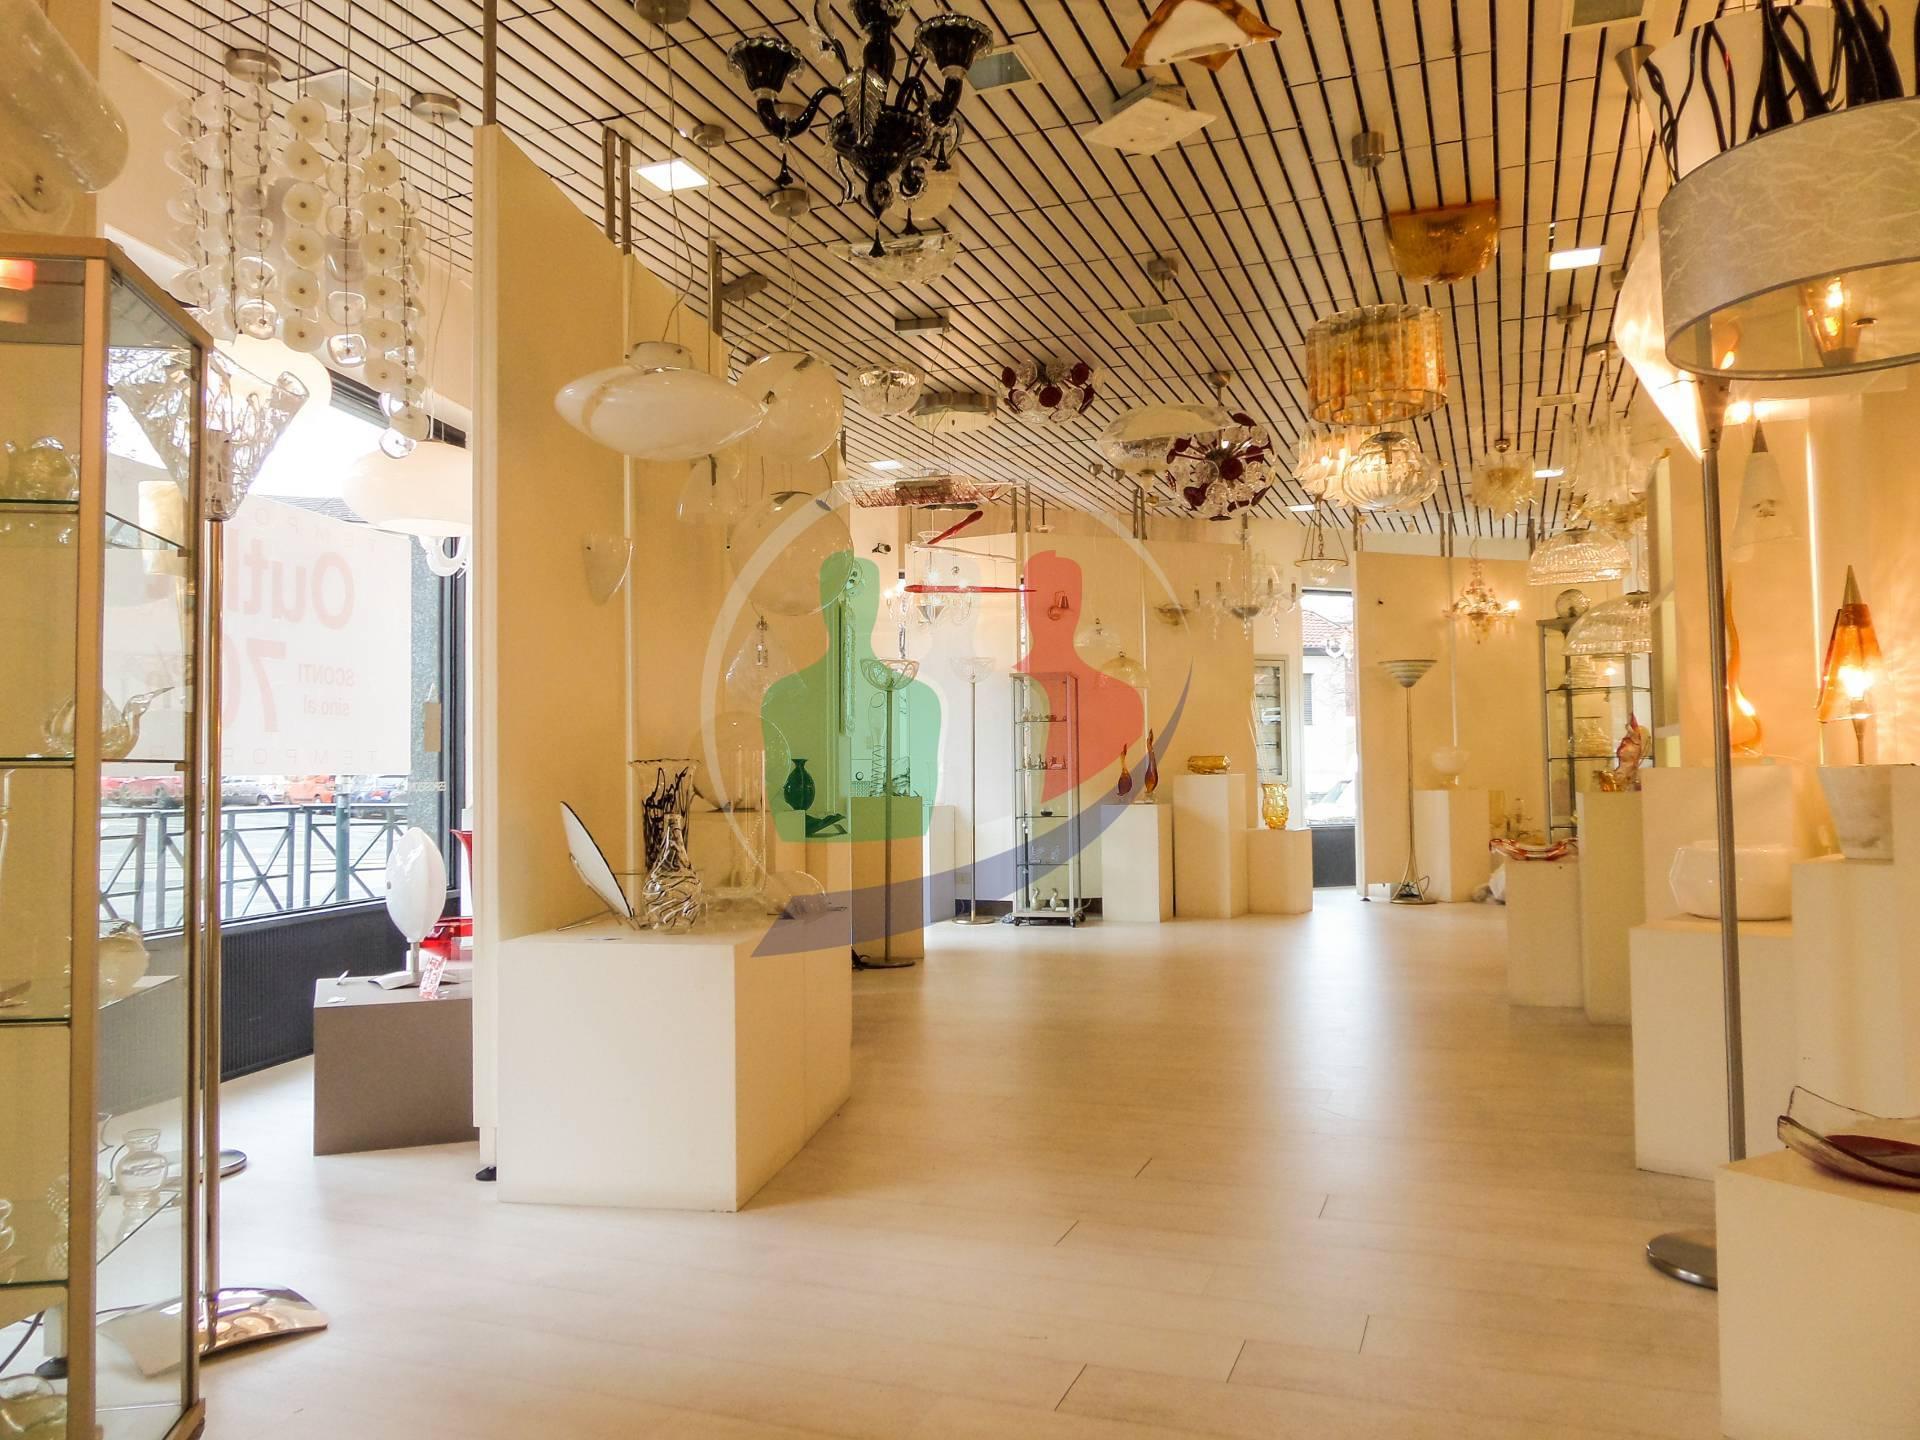 Negozio / Locale in vendita a Torino, 9999 locali, zona Località: Centro, prezzo € 195.000 | PortaleAgenzieImmobiliari.it